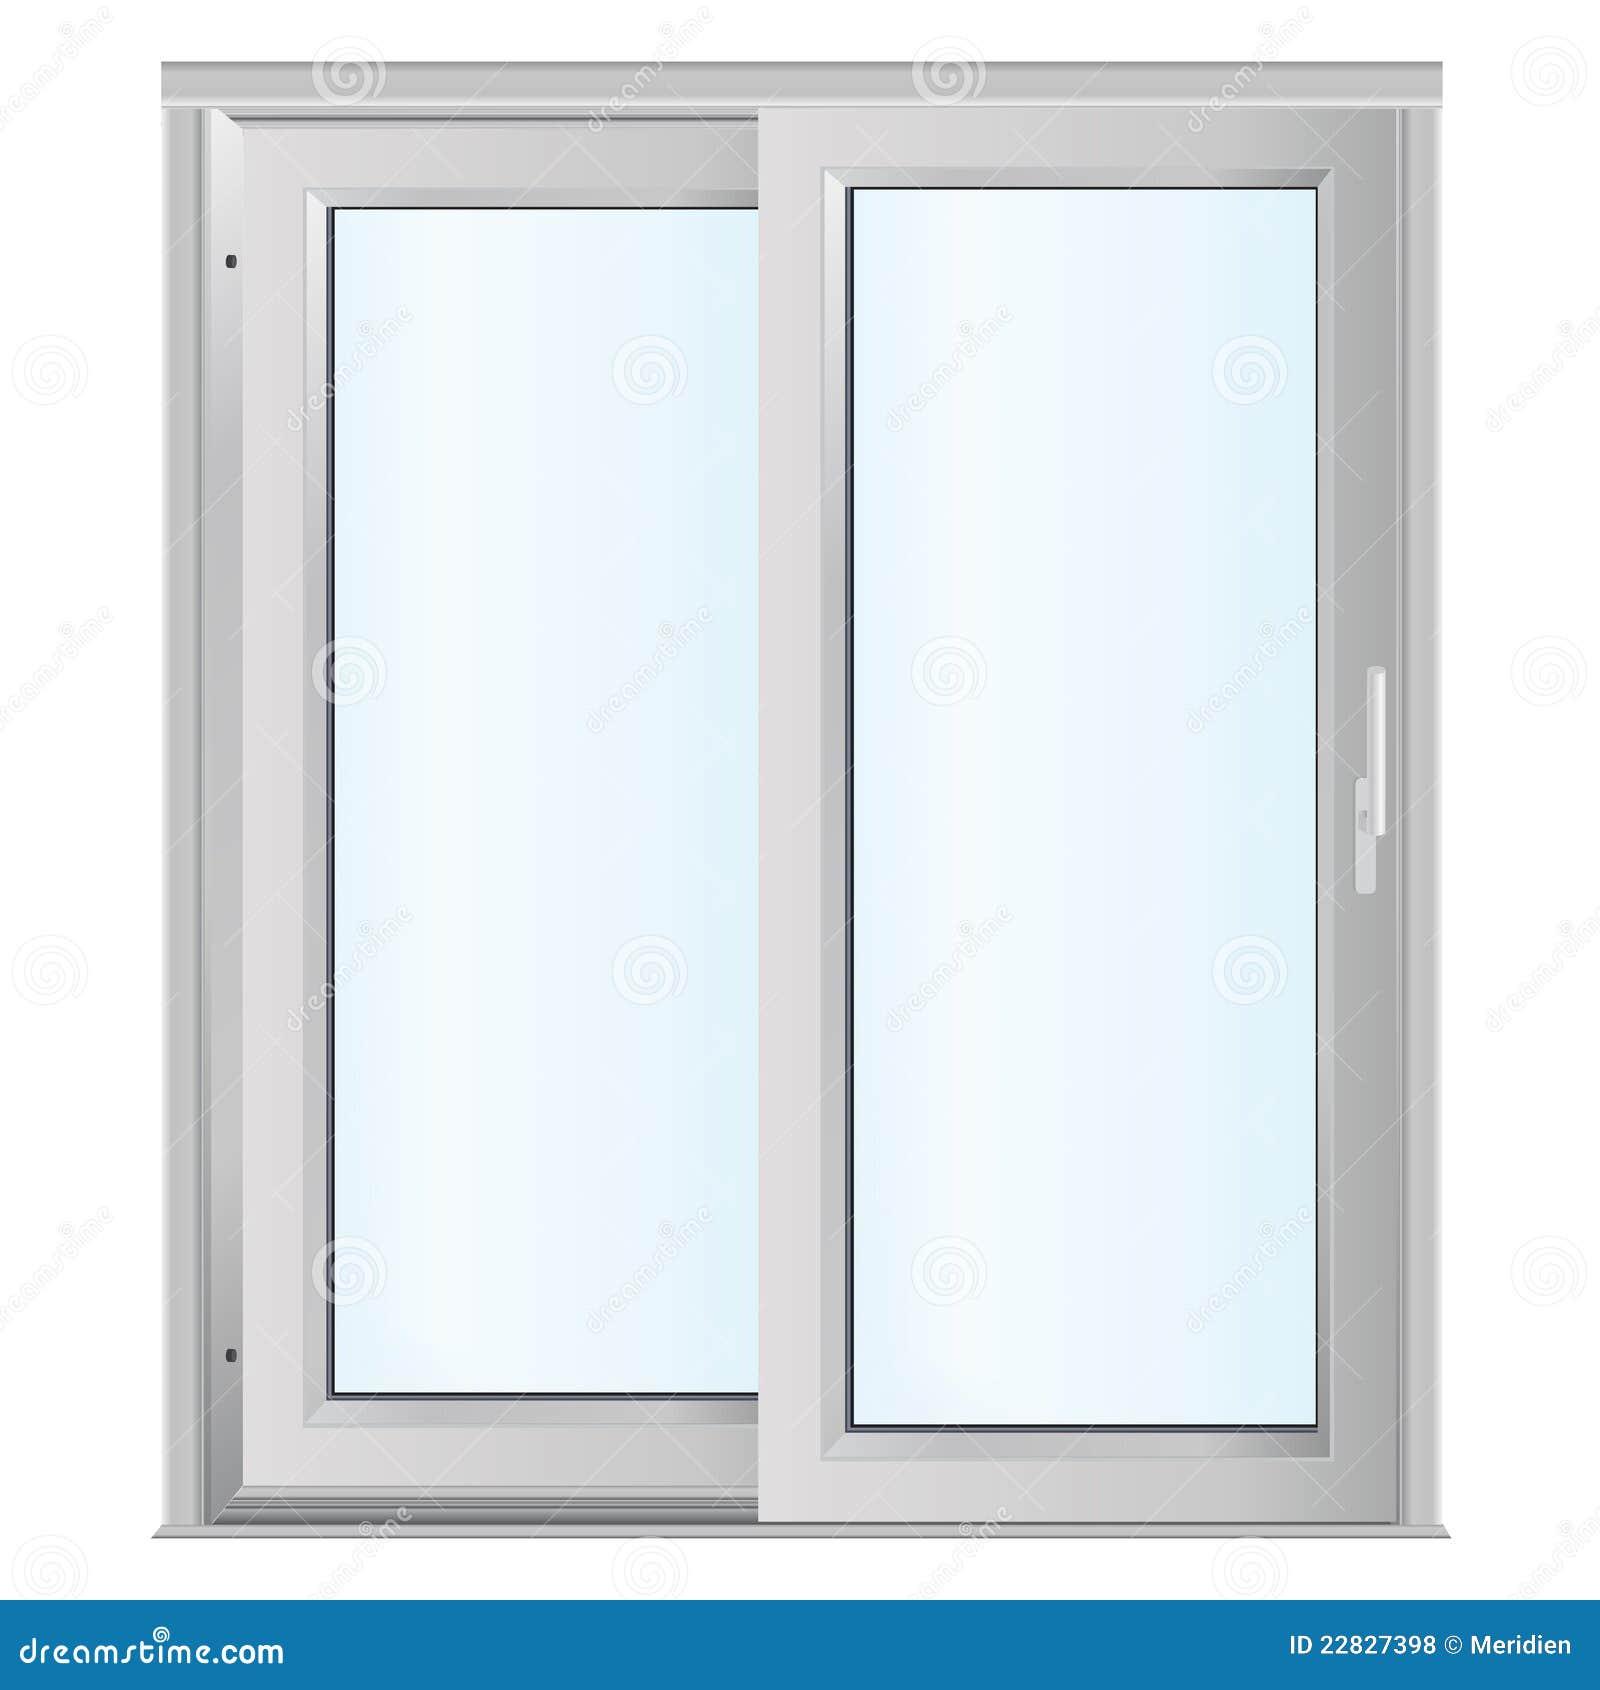 Glass Doors Clipart office metallic glass door - vector stock image - image: 34805261